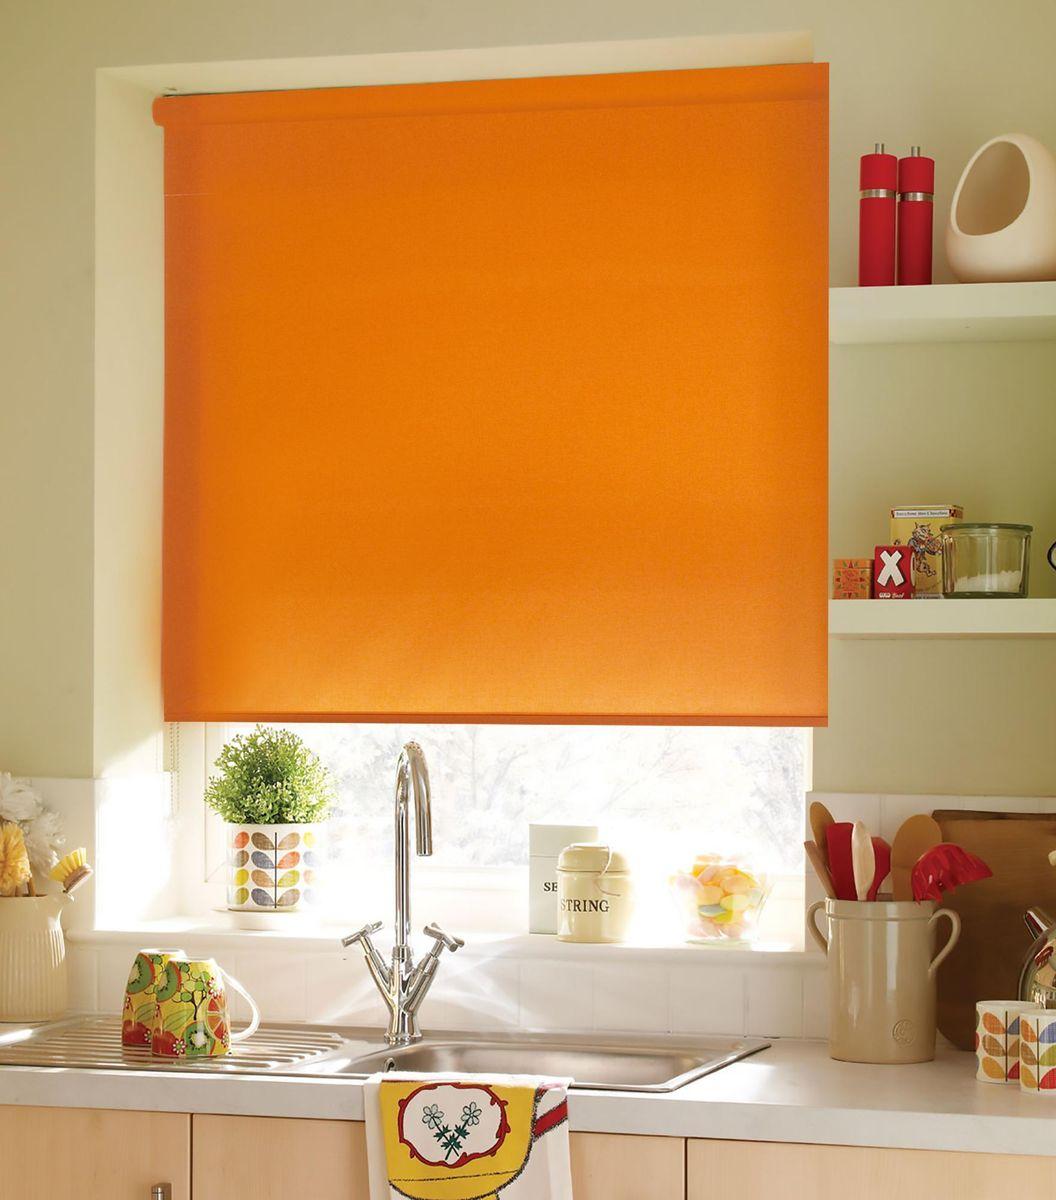 Штора рулонная Эскар, цвет: апельсиновый, ширина 120 см, высота 170 см81203120170Рулонными шторами можно оформлять окна как самостоятельно, так и использовать в комбинации с портьерами. Это поможет предотвратить выгорание дорогой ткани на солнце и соединит функционал рулонных с красотой навесных. Преимущества применения рулонных штор для пластиковых окон: - имеют прекрасный внешний вид: многообразие и фактурность материала изделия отлично смотрятся в любом интерьере; - многофункциональны: есть возможность подобрать шторы способные эффективно защитить комнату от солнца, при этом она не будет слишком темной. - Есть возможность осуществить быстрый монтаж. ВНИМАНИЕ! Размеры ширины изделия указаны по ширине ткани! Во время эксплуатации не рекомендуется полностью разматывать рулон, чтобы не оторвать ткань от намоточного вала. В случае загрязнения поверхности ткани, чистку шторы проводят одним из способов, в зависимости от типа загрязнения: легкое поверхностное загрязнение можно удалить при помощи канцелярского ластика; чистка от пыли производится сухим методом при...